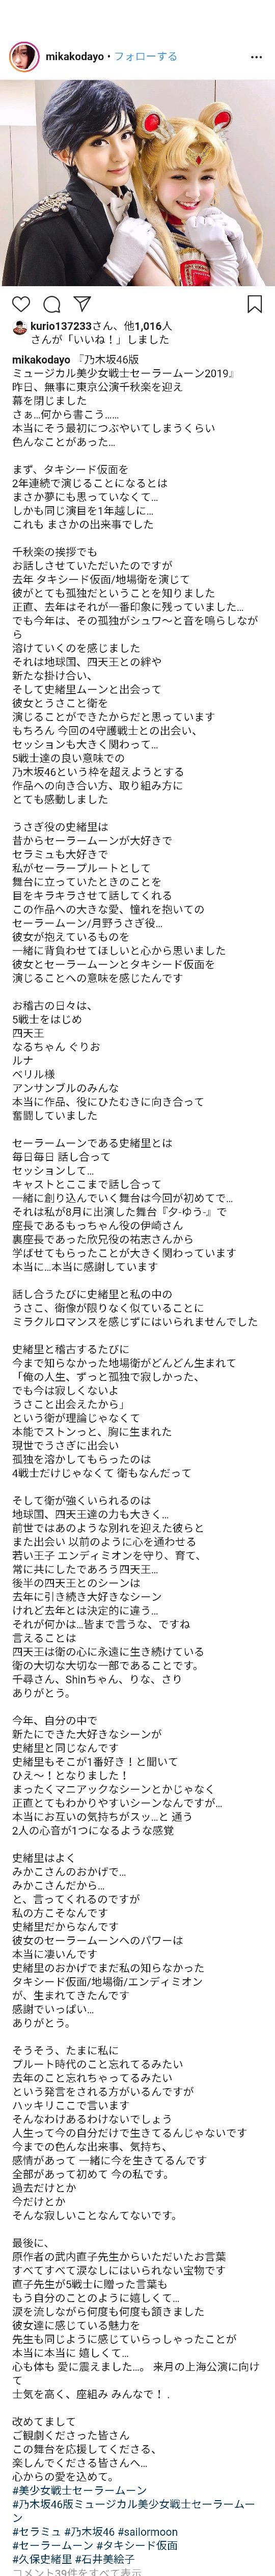 石井 美絵子、久保史緒里をすごい長文で絶賛